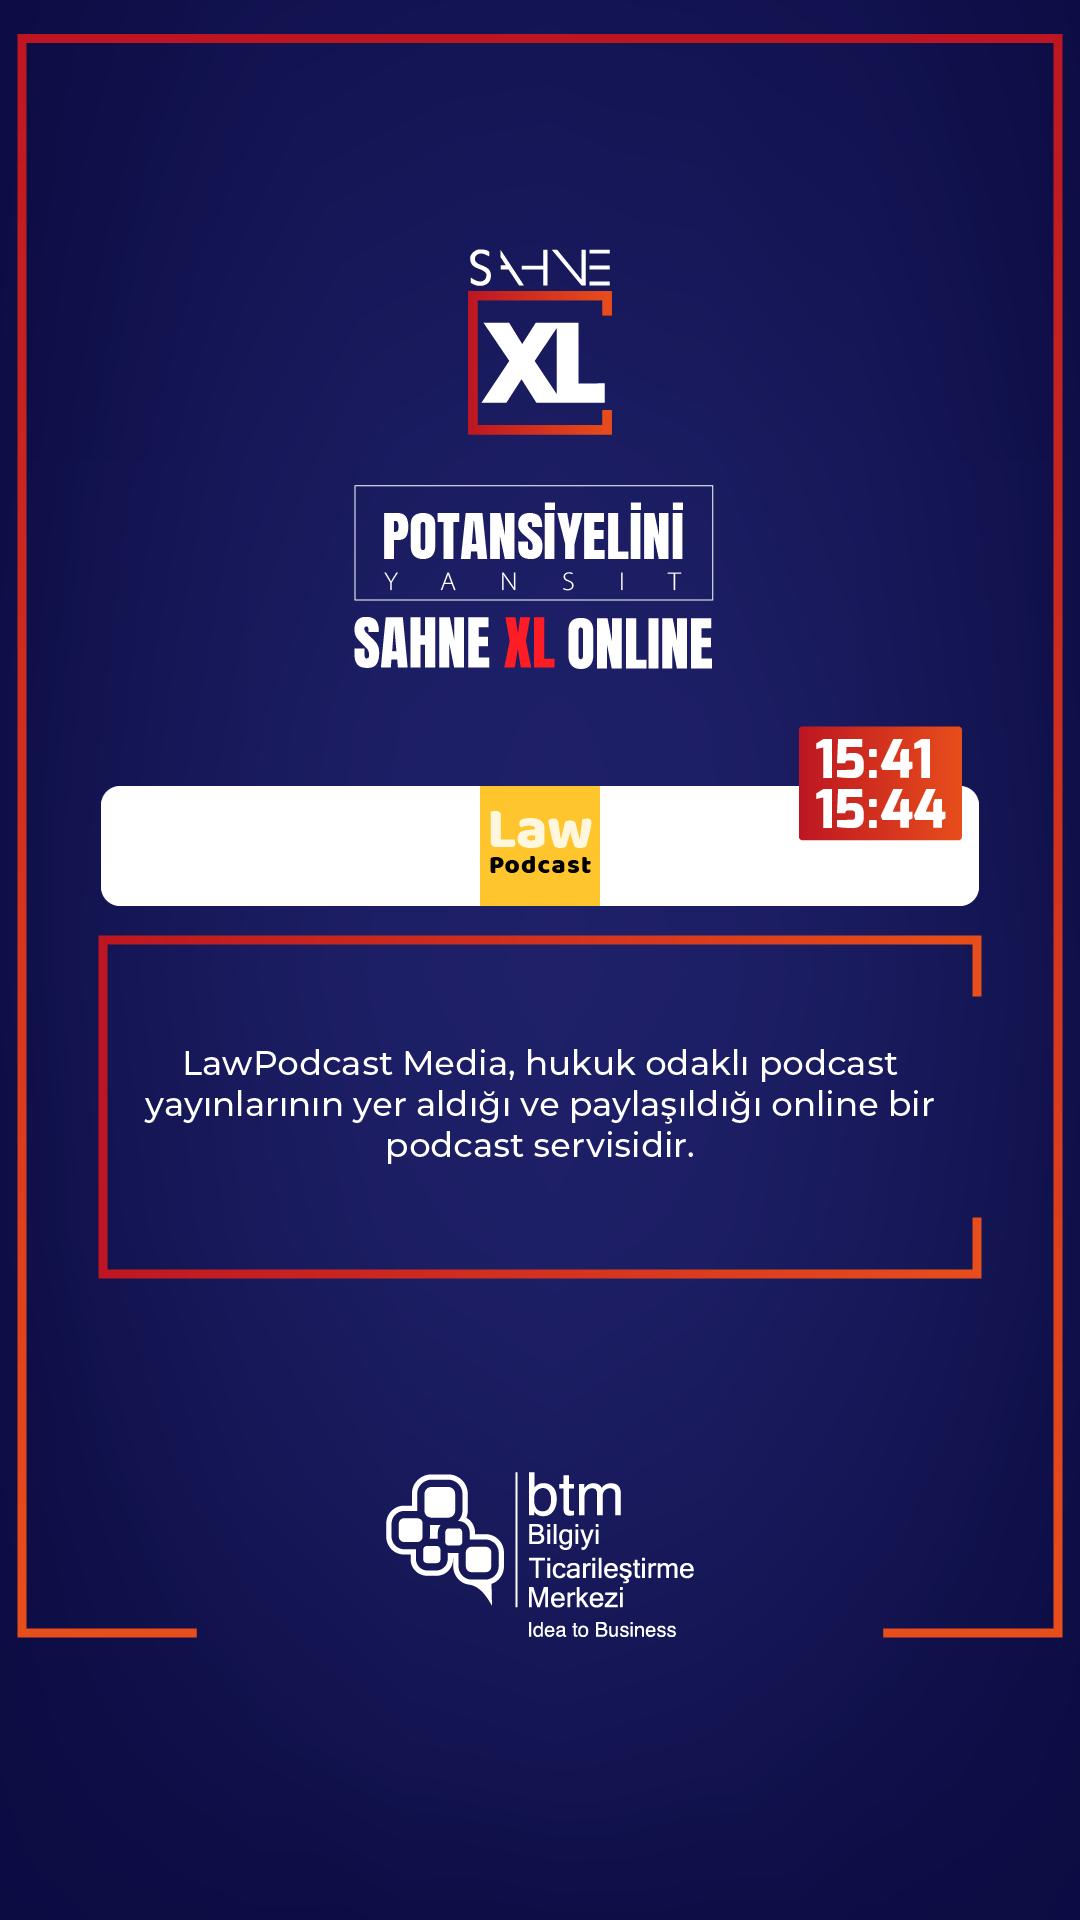 law_podcast_Çalışma Yüzeyi 1